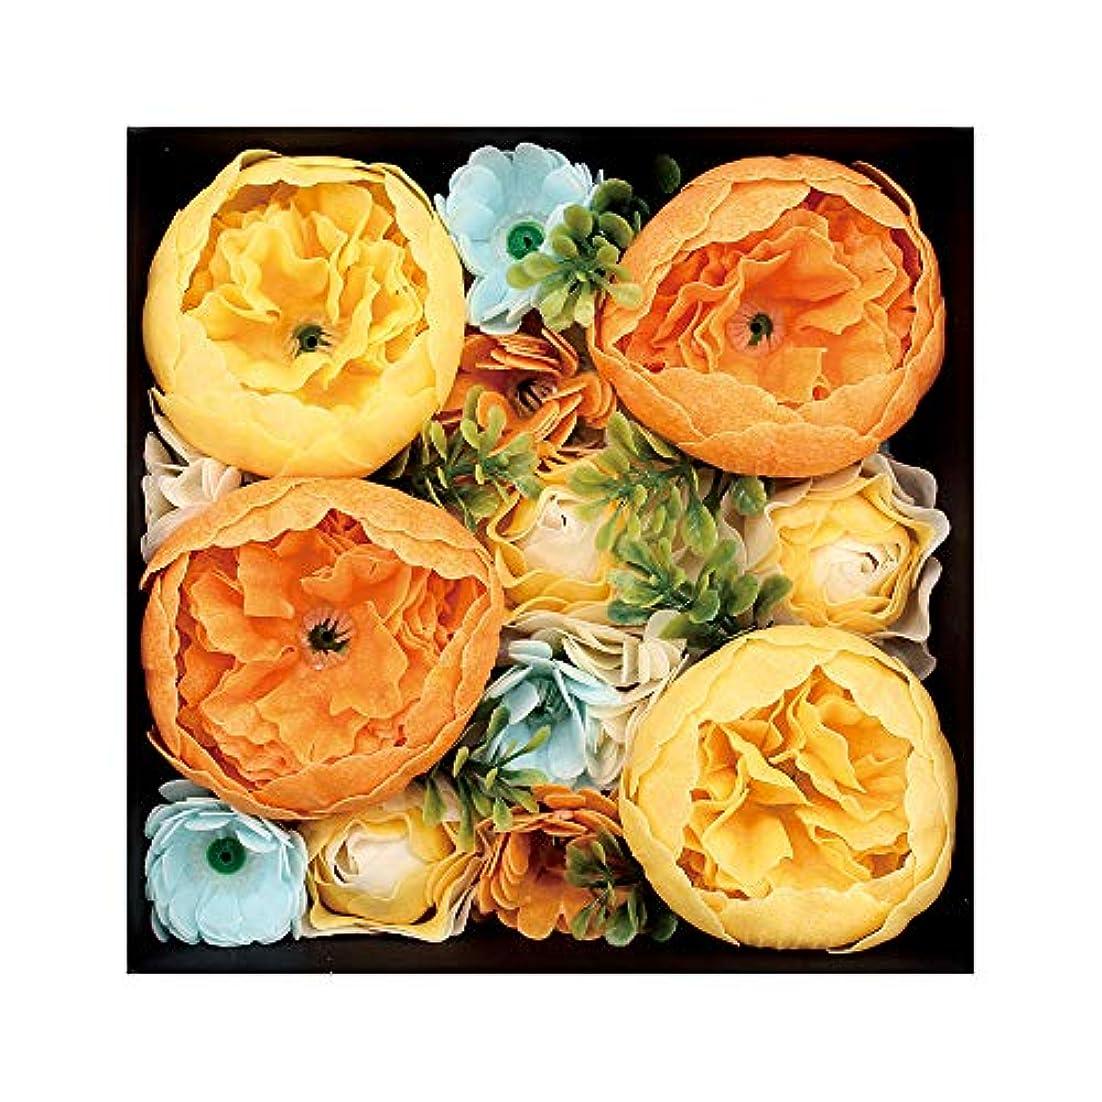 ハイランド許す無限ノルコーポレーション 入浴剤 シャンドフルール バスペタル 130g オレンジの香り シエル OB-EGN-1-4